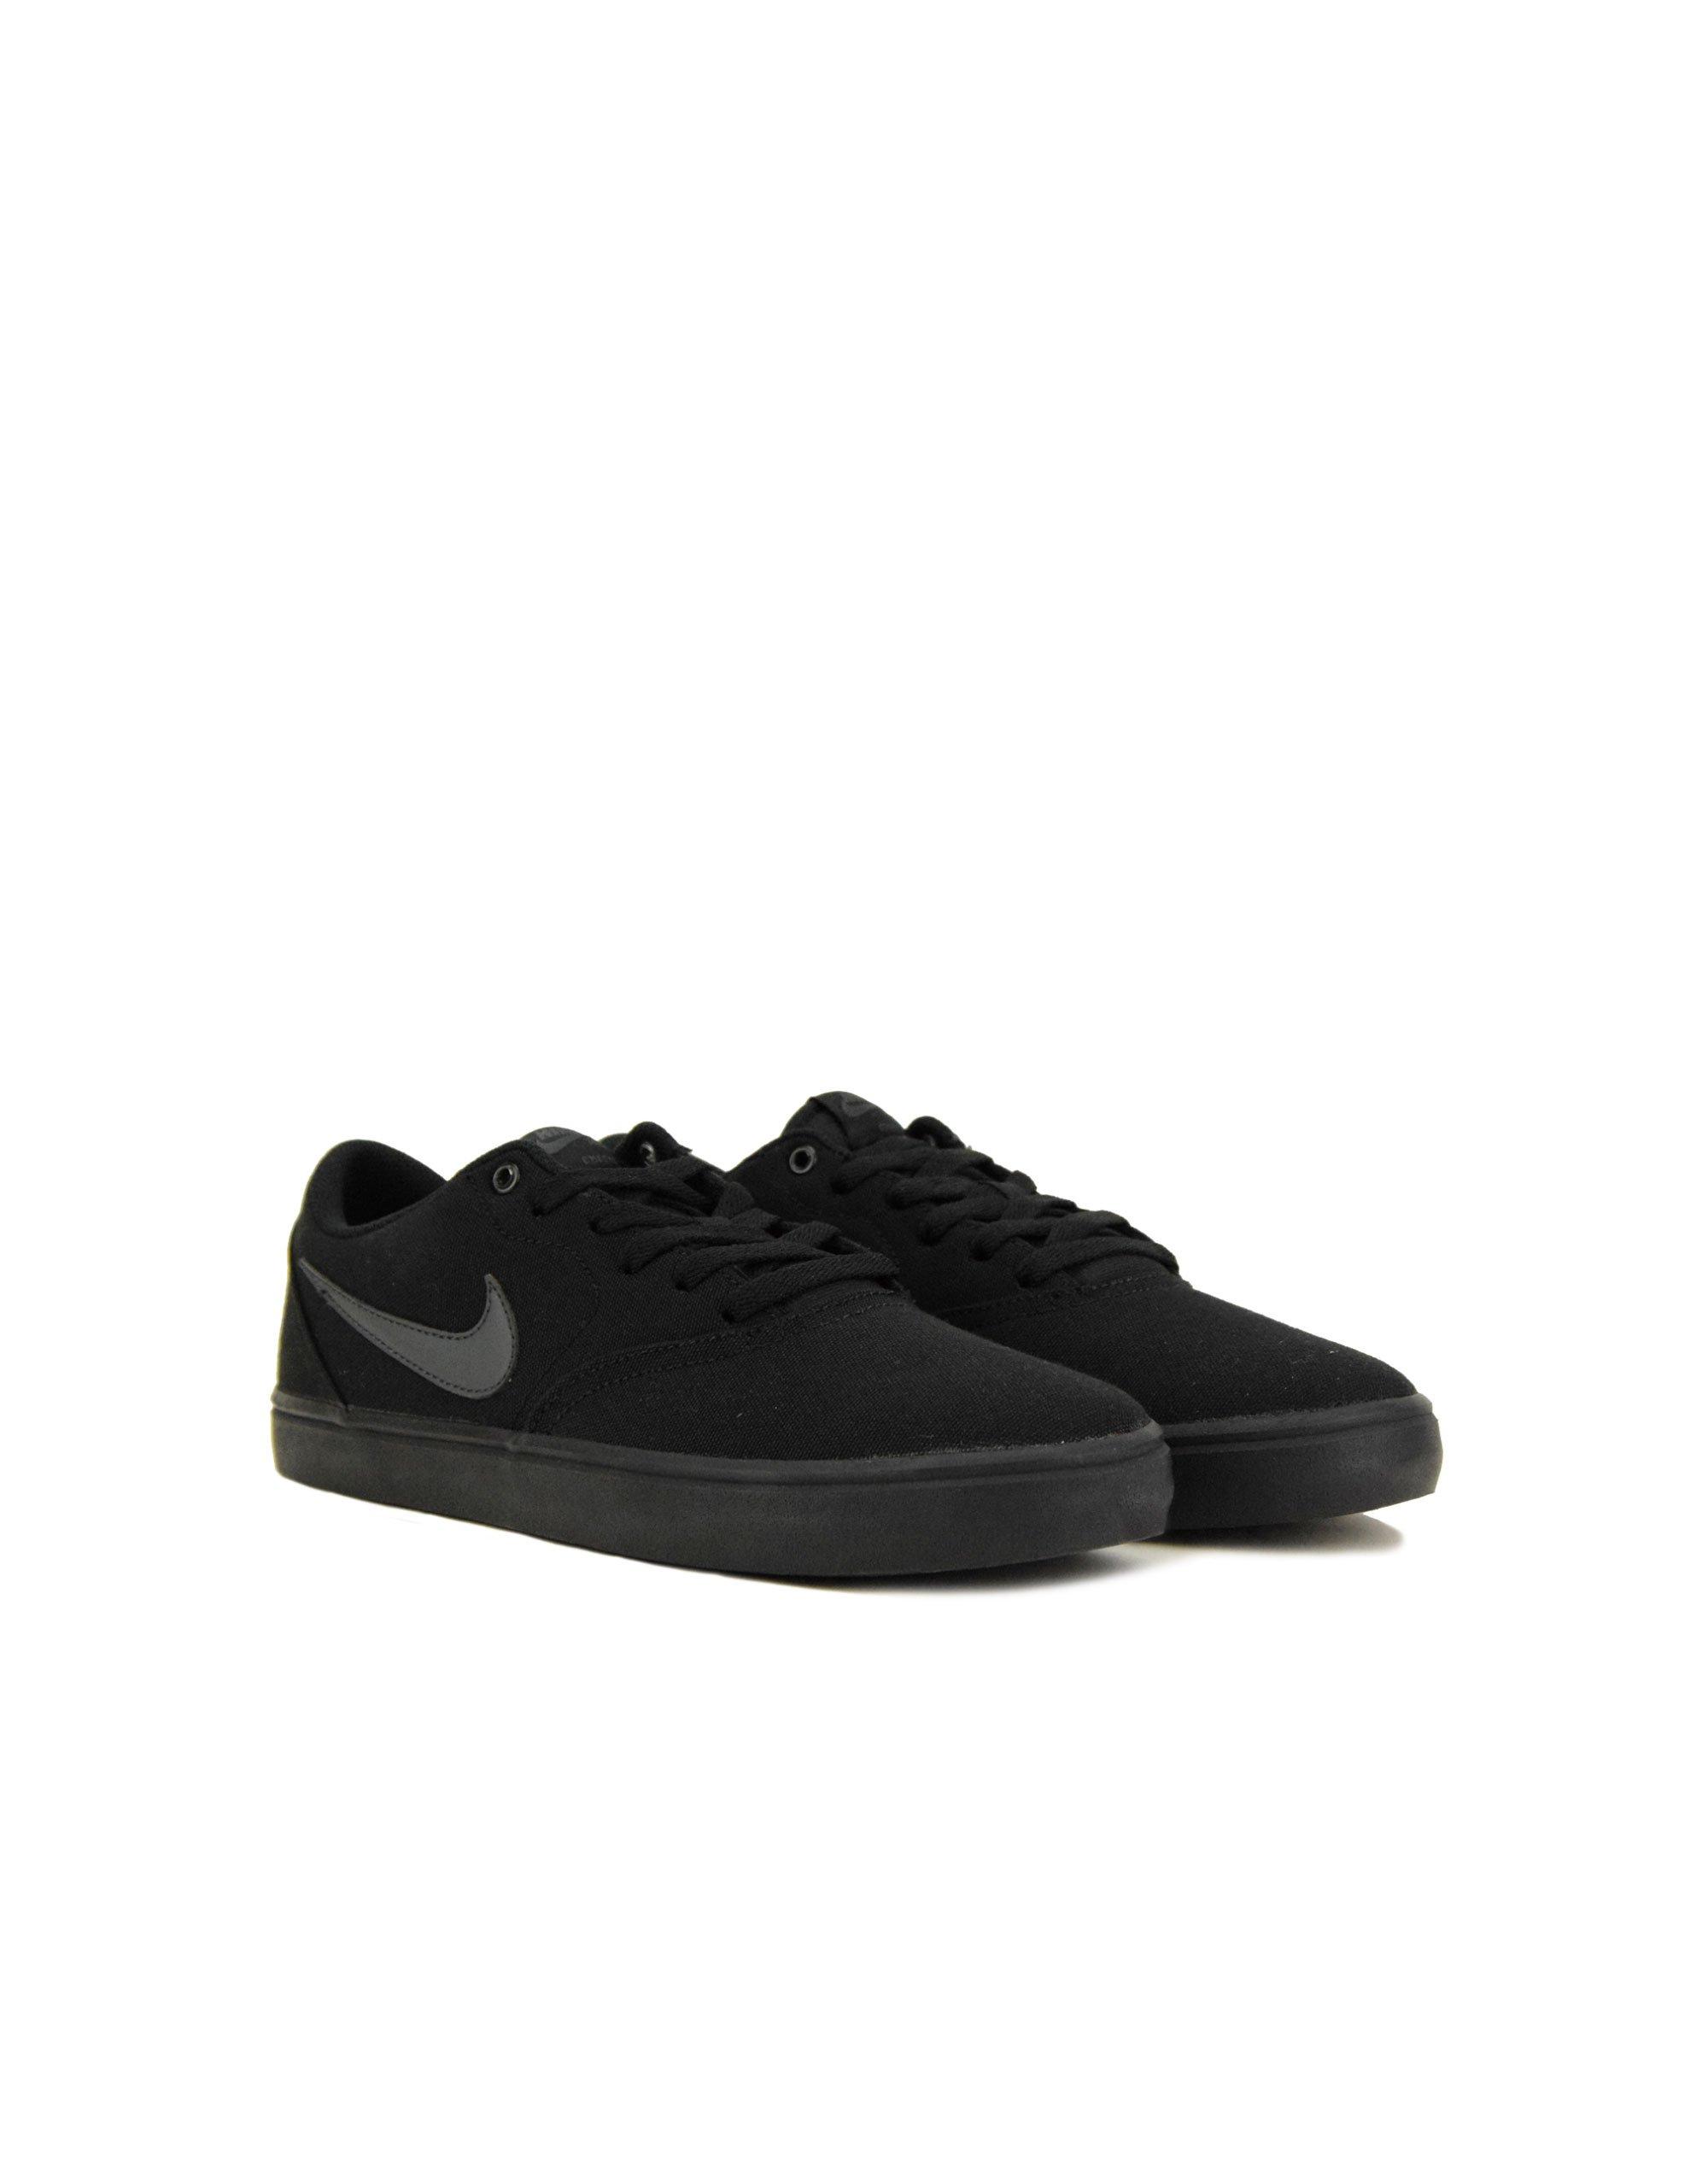 ded6825428 Nike SB Check Solar Canvas (843896 002) Black | Eleven